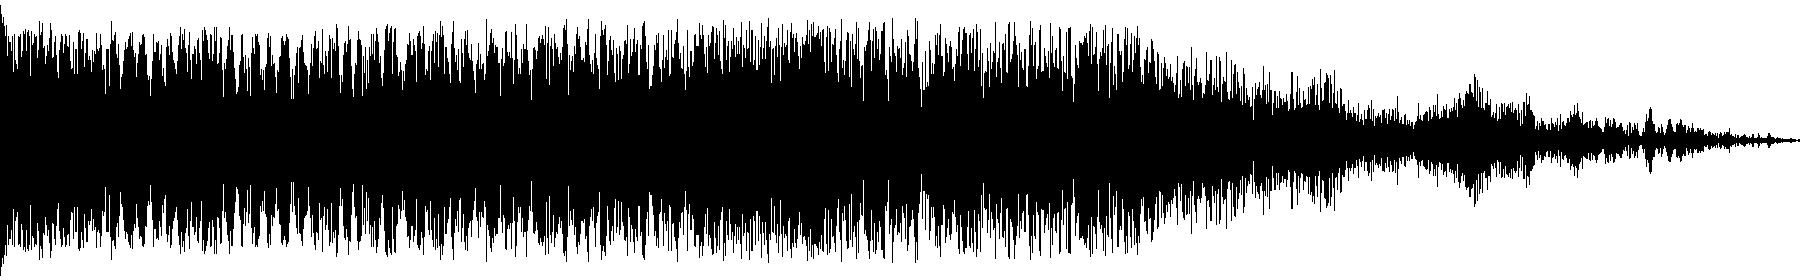 overtureimpact